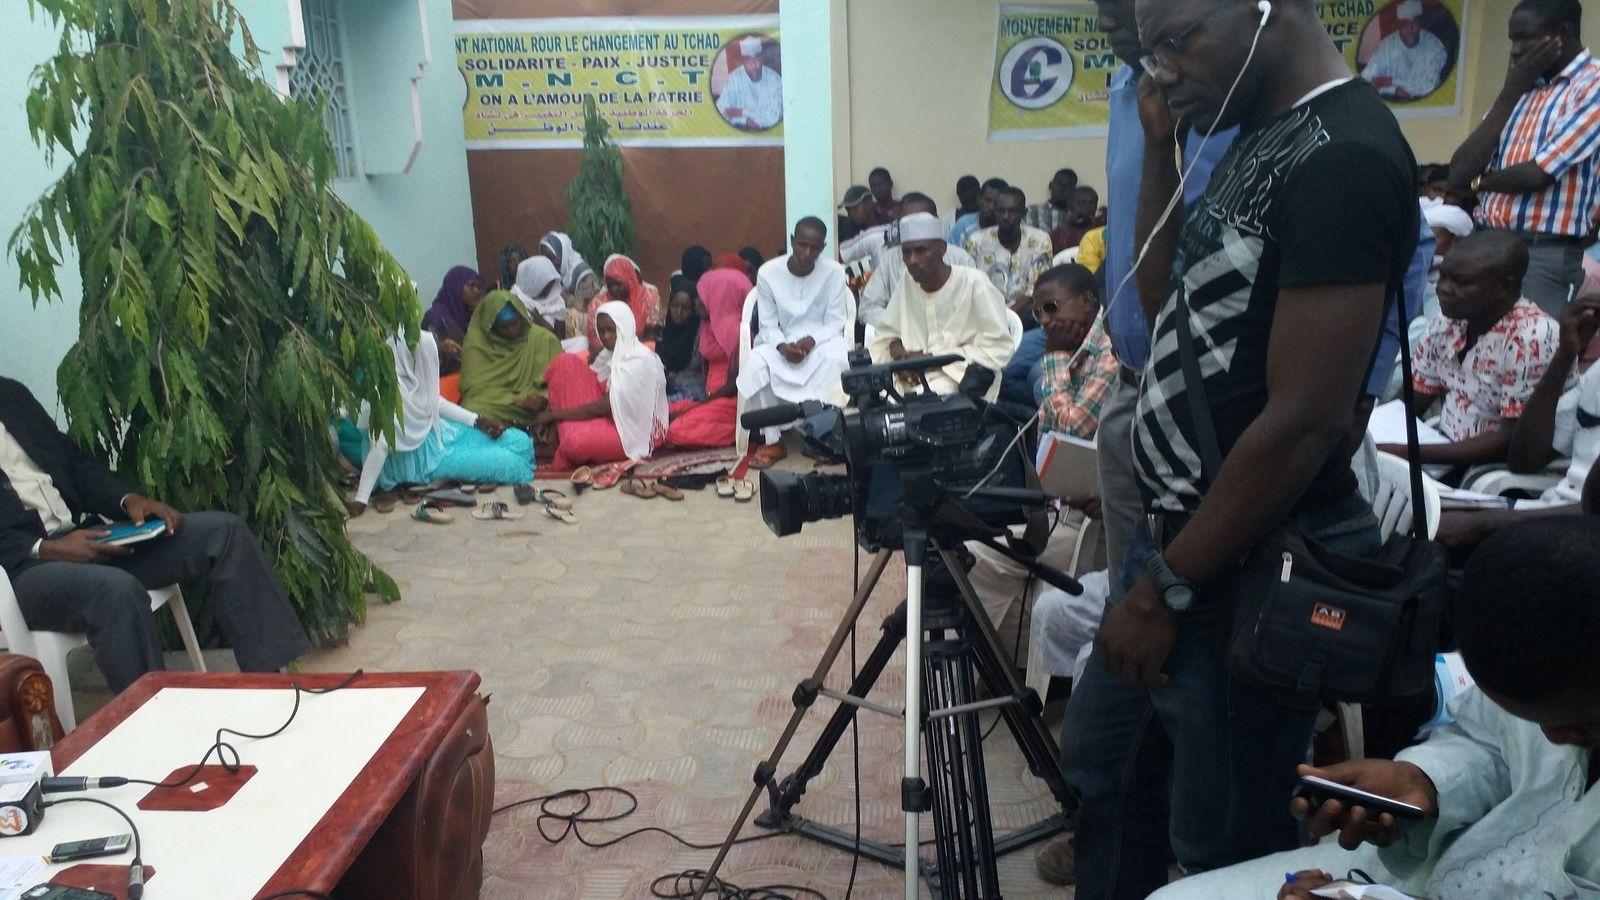 Après sa tournée en Europe, le leader du MNCT  face à la presse au Tchad